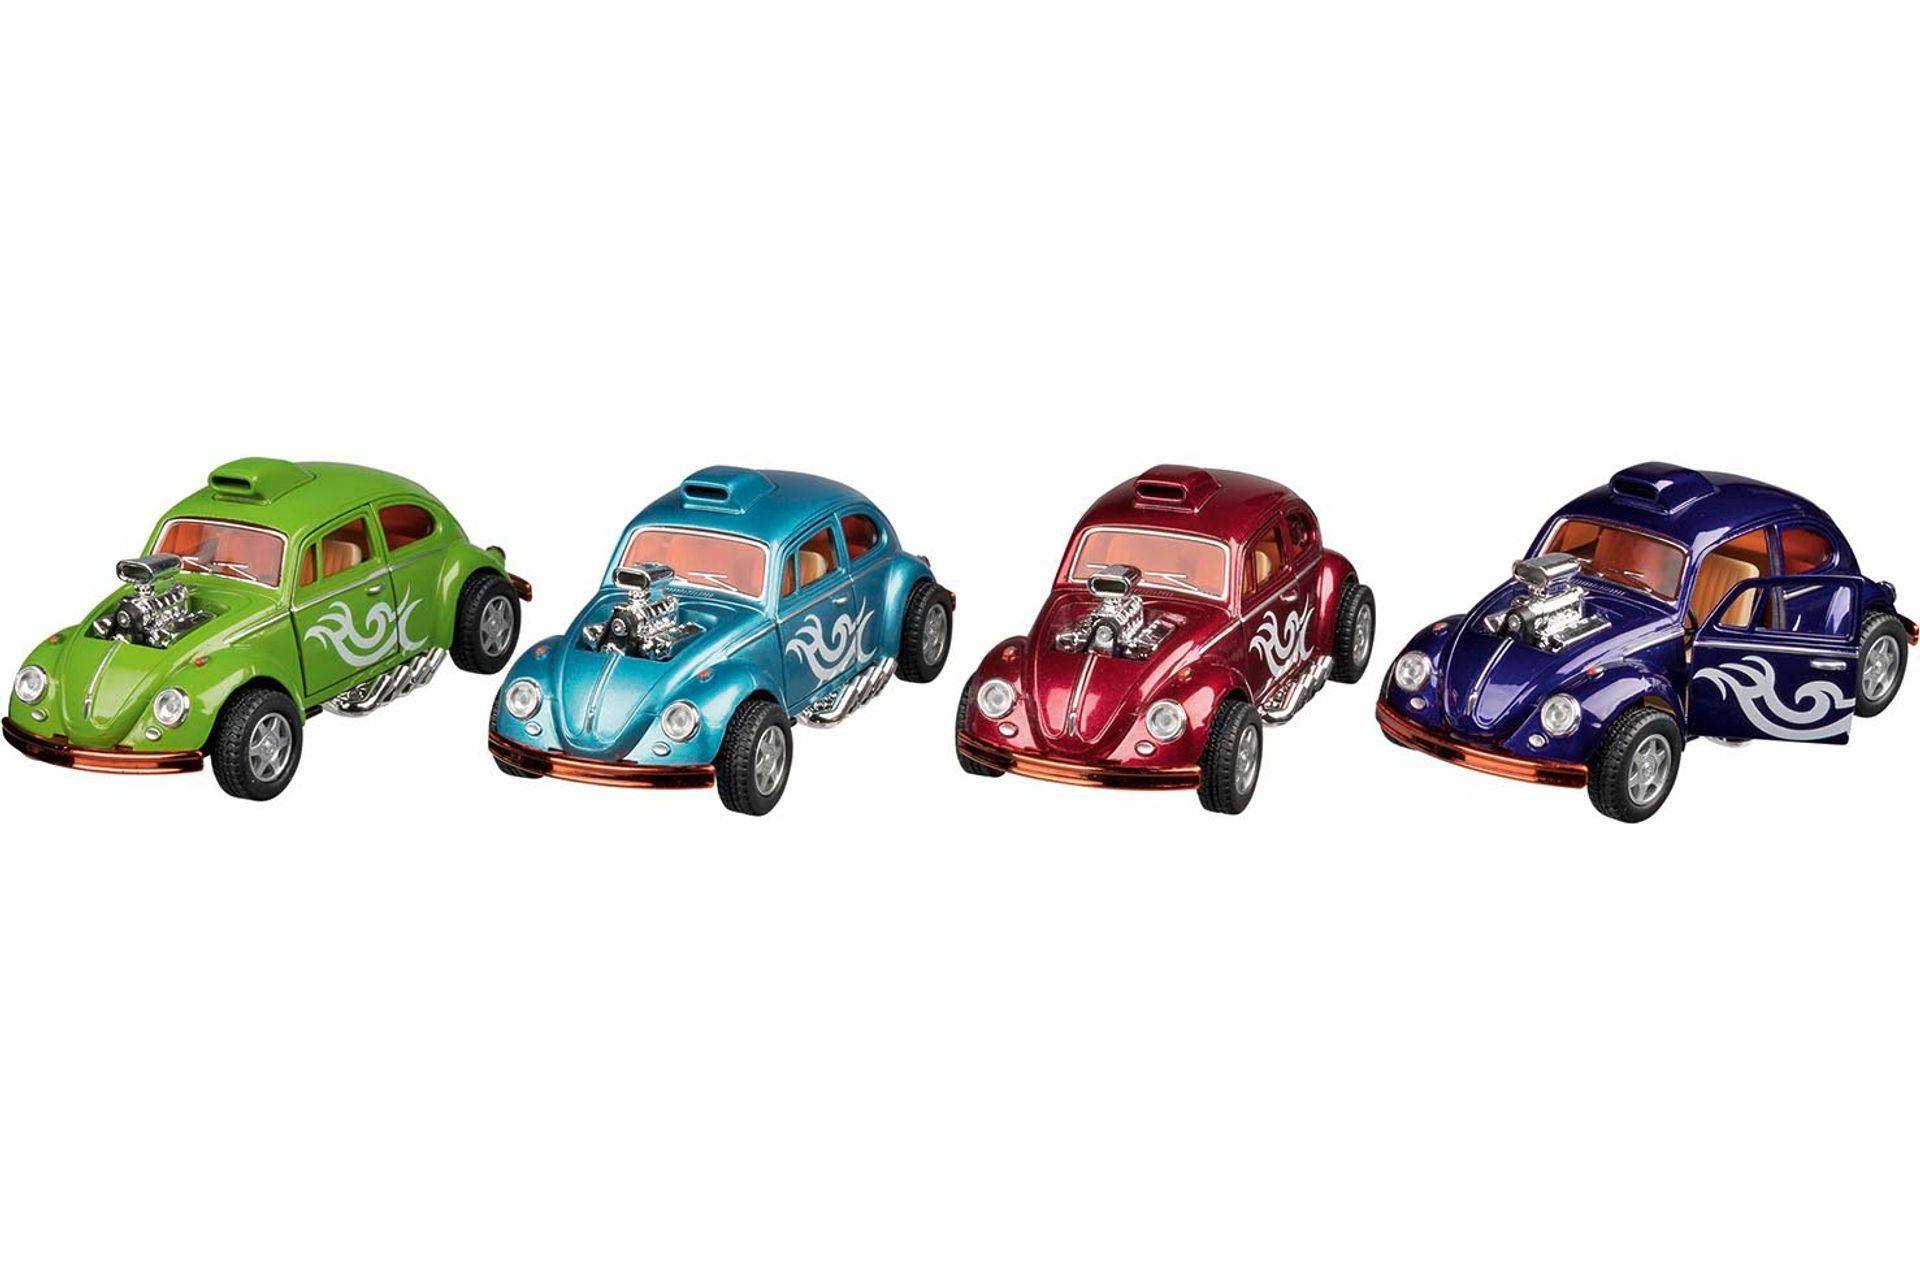 Jucarie - Masinute Volkswagen - Mai multe culori | Goki